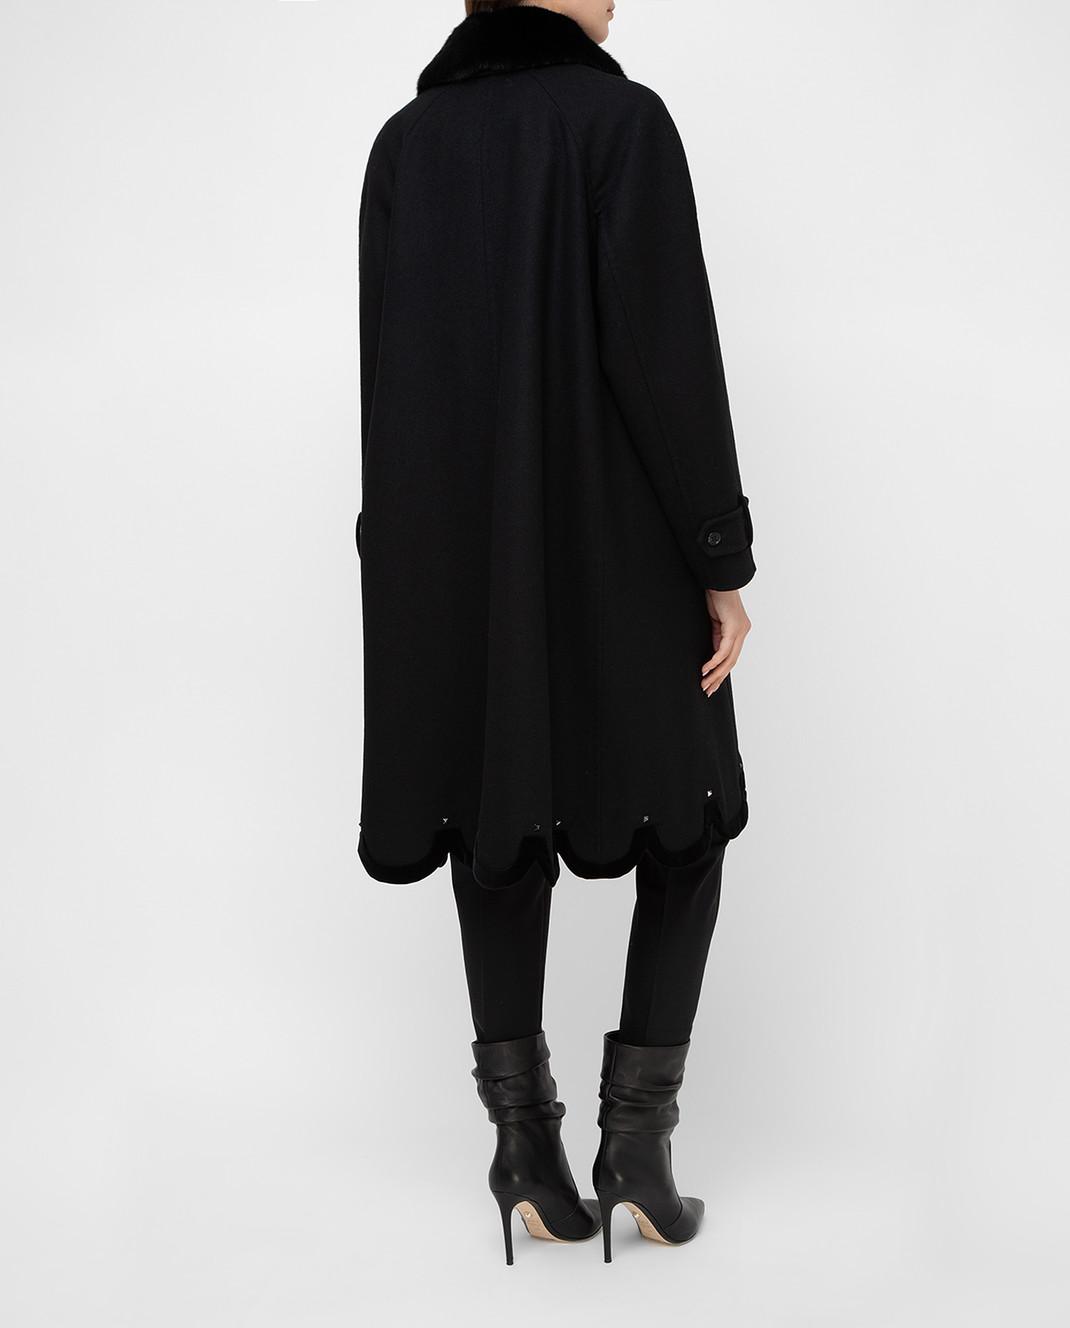 Valentino Черное пальто из шерсти с мехом норки QB3CA2Q51CJ изображение 4